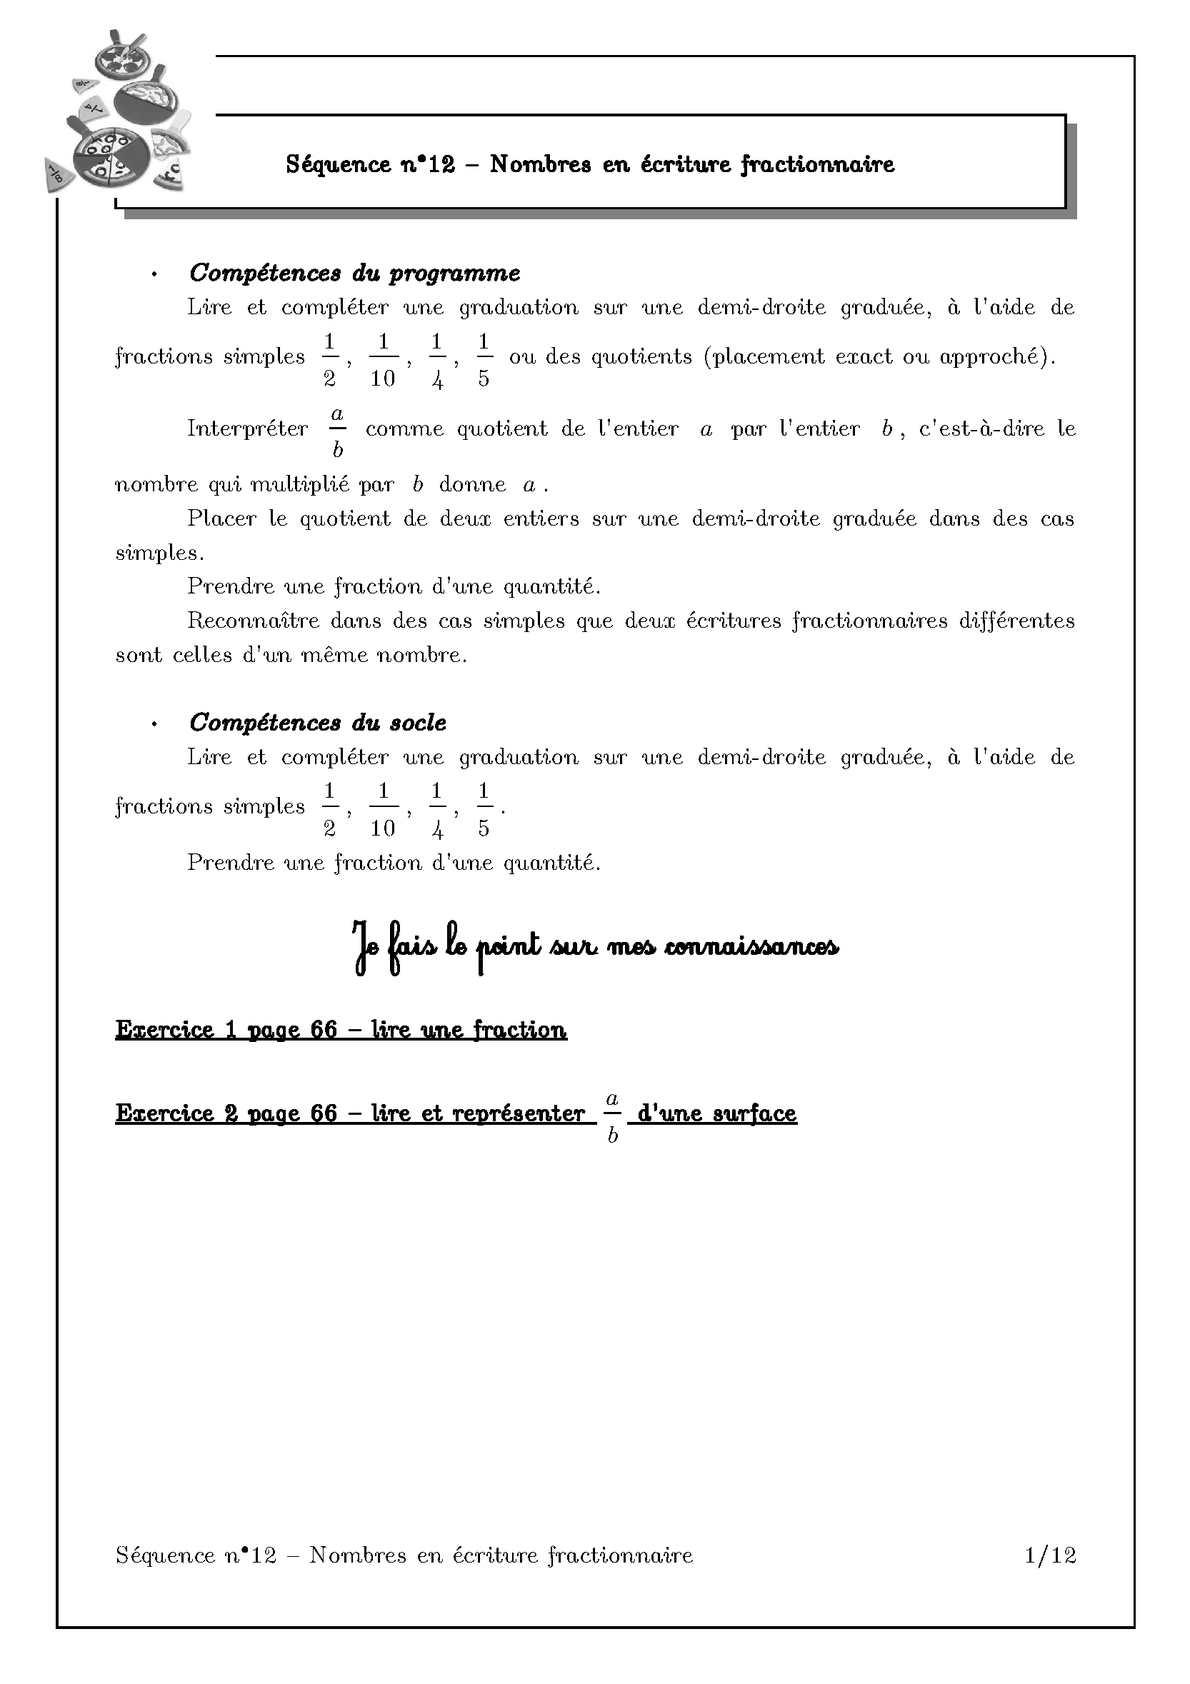 Calaméo - Sequence 12 Fractions Exercices